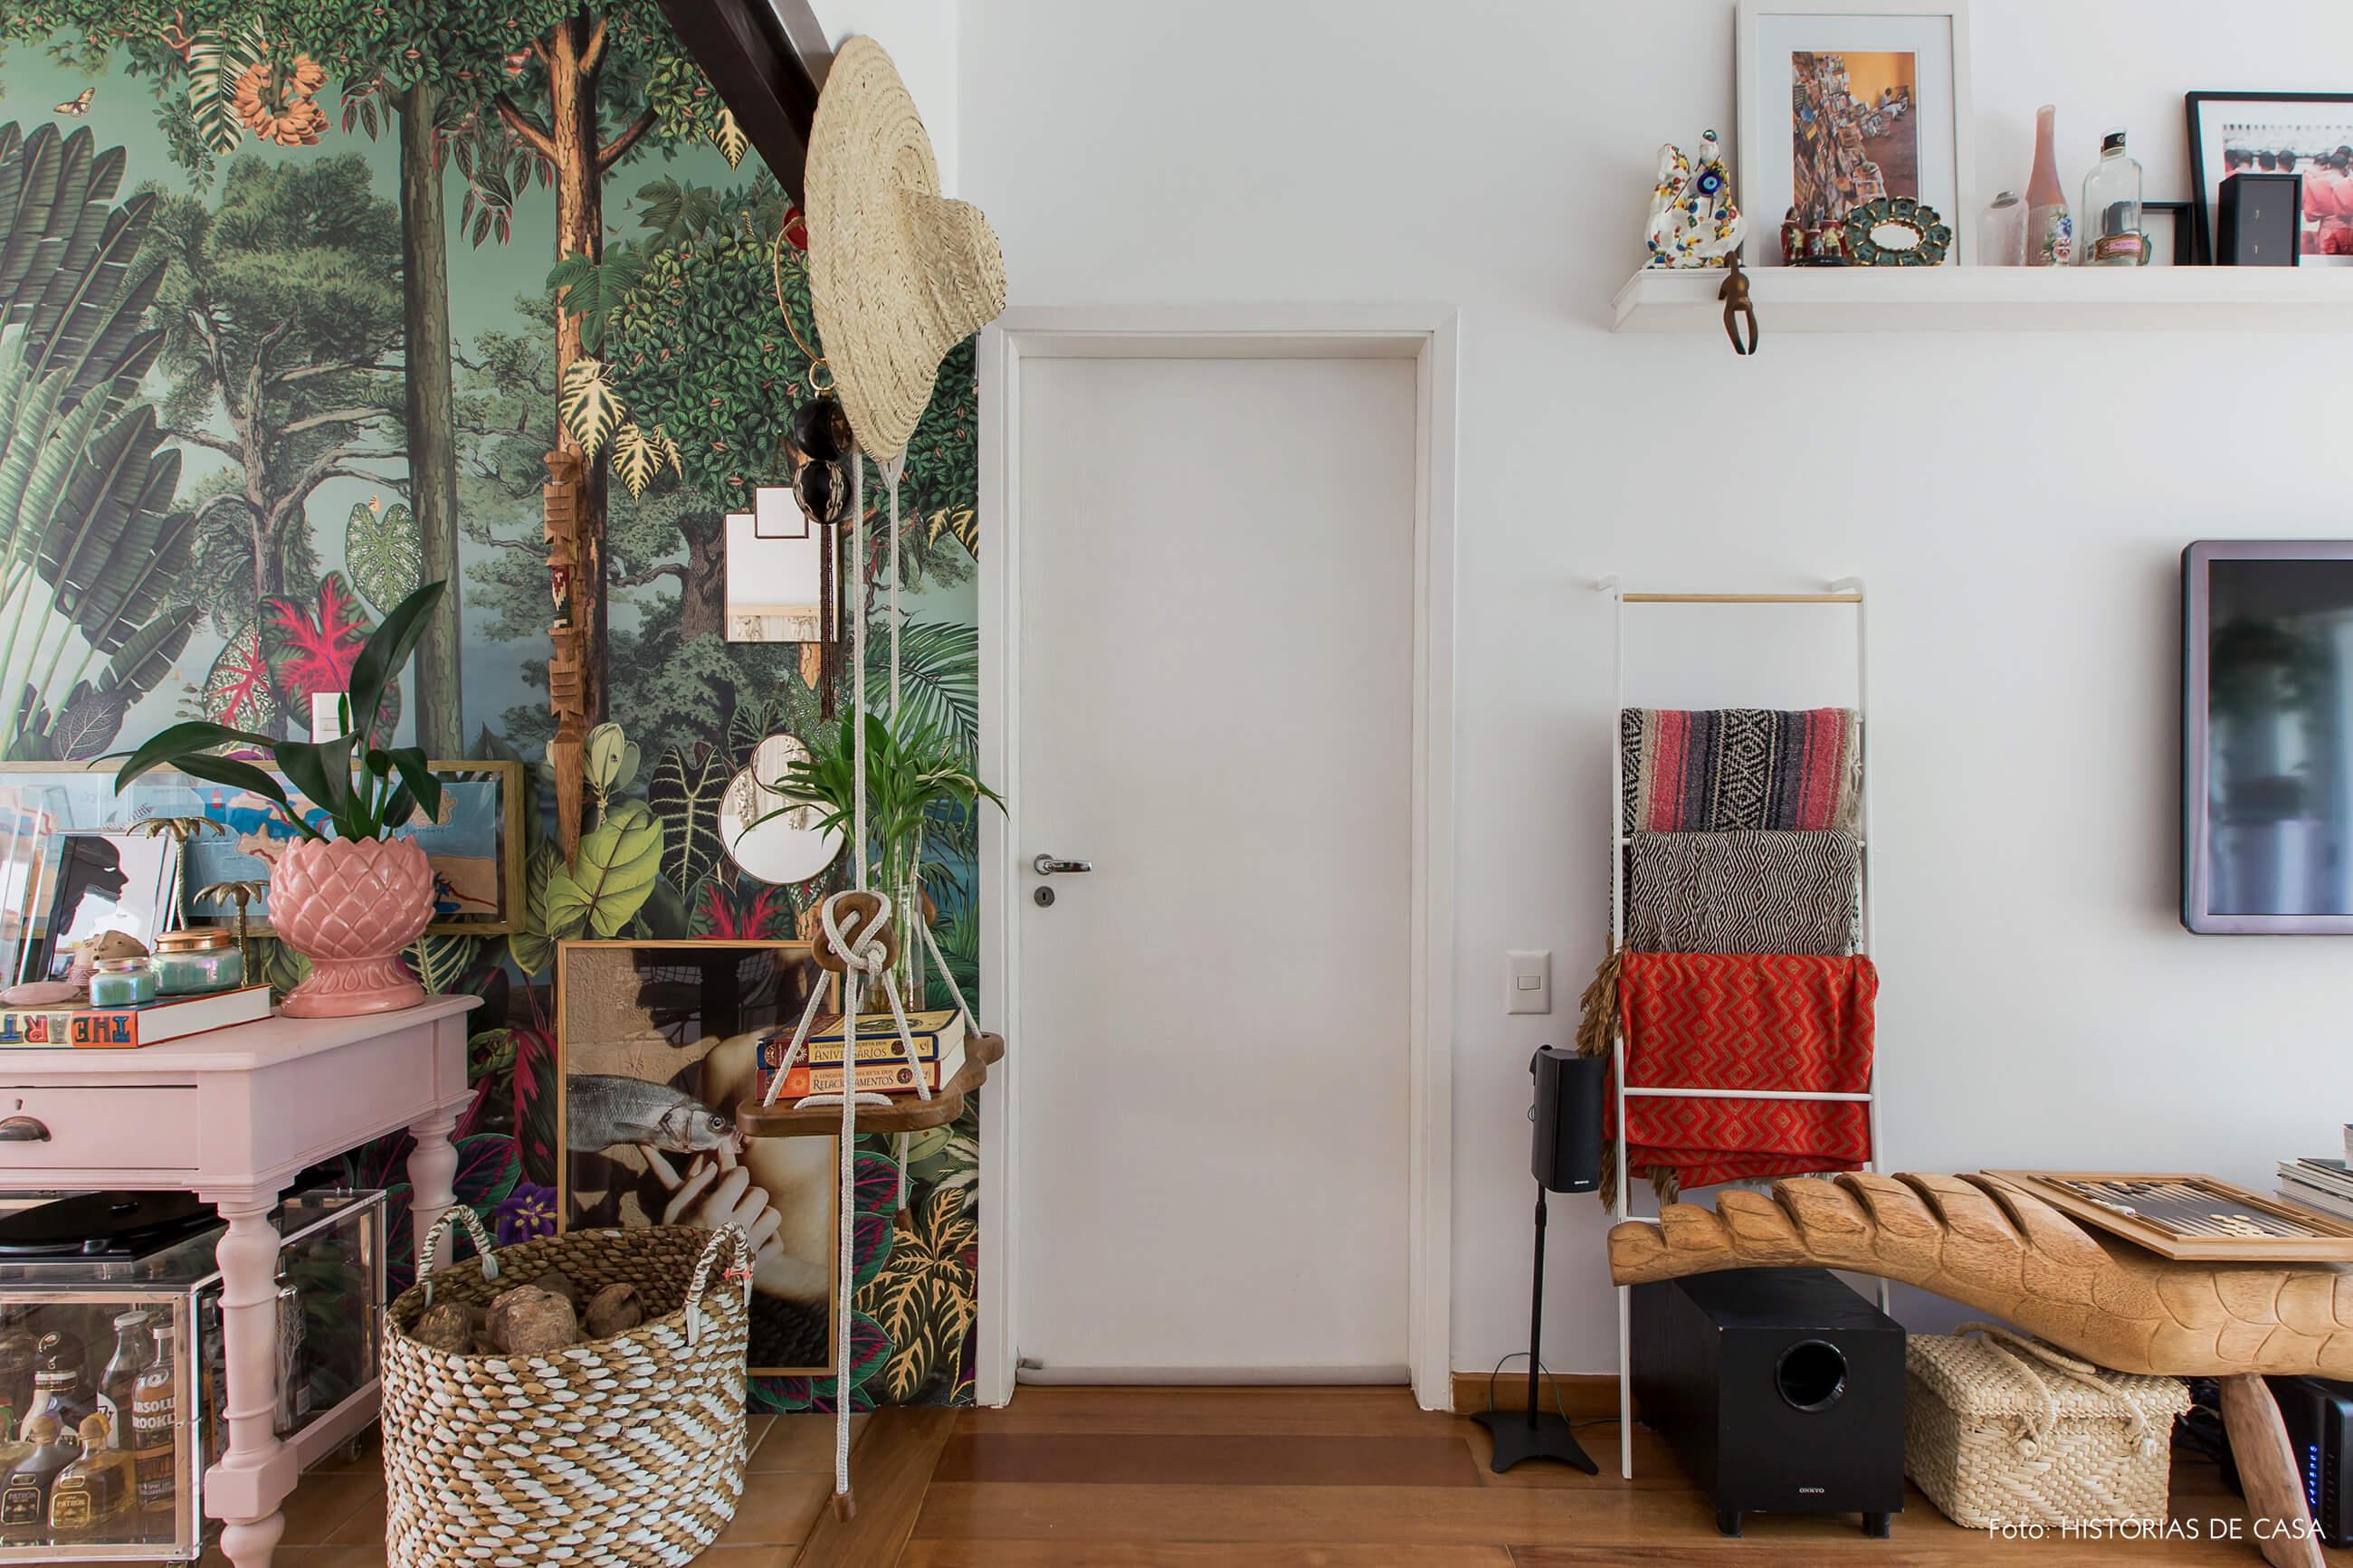 Casa com decoração eclética, papel de parede de folhagem